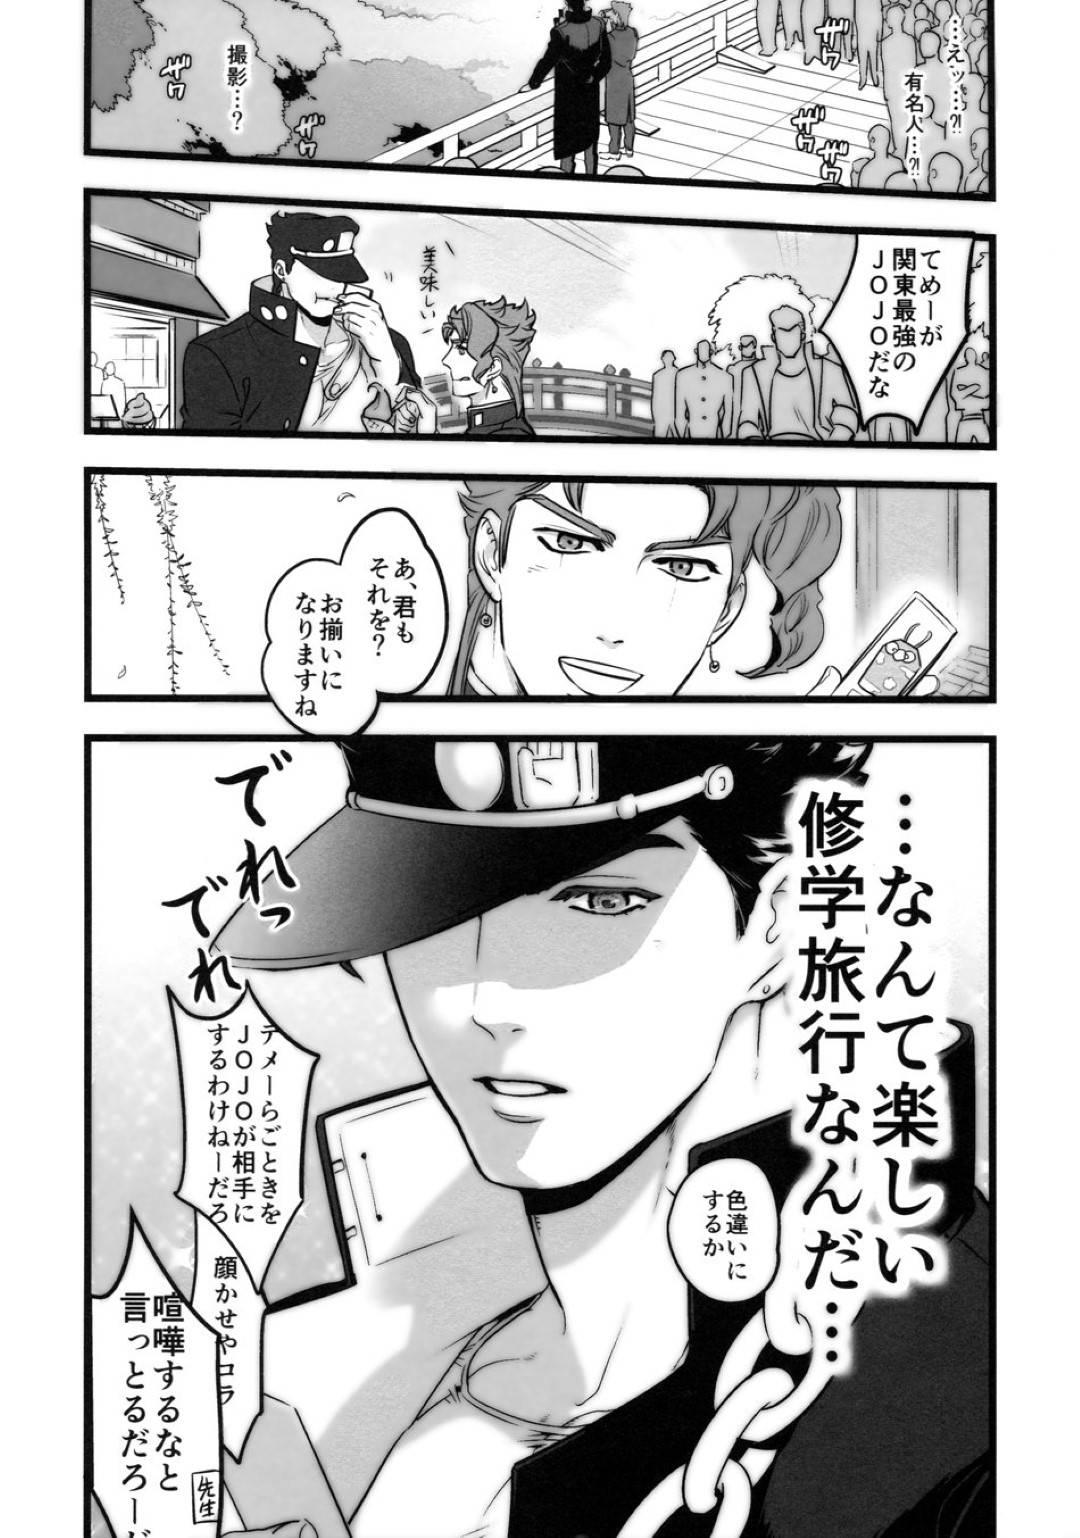 修学旅行中後にプライベートホテルで過ごす承太郎と花京院…修学旅行中に部屋で声を押し殺しイチャラブセックスを楽しむ2人。帰宅後、プライベートホテルに行くと誰にも邪魔されない空間で朝から晩までセックス三昧をする。